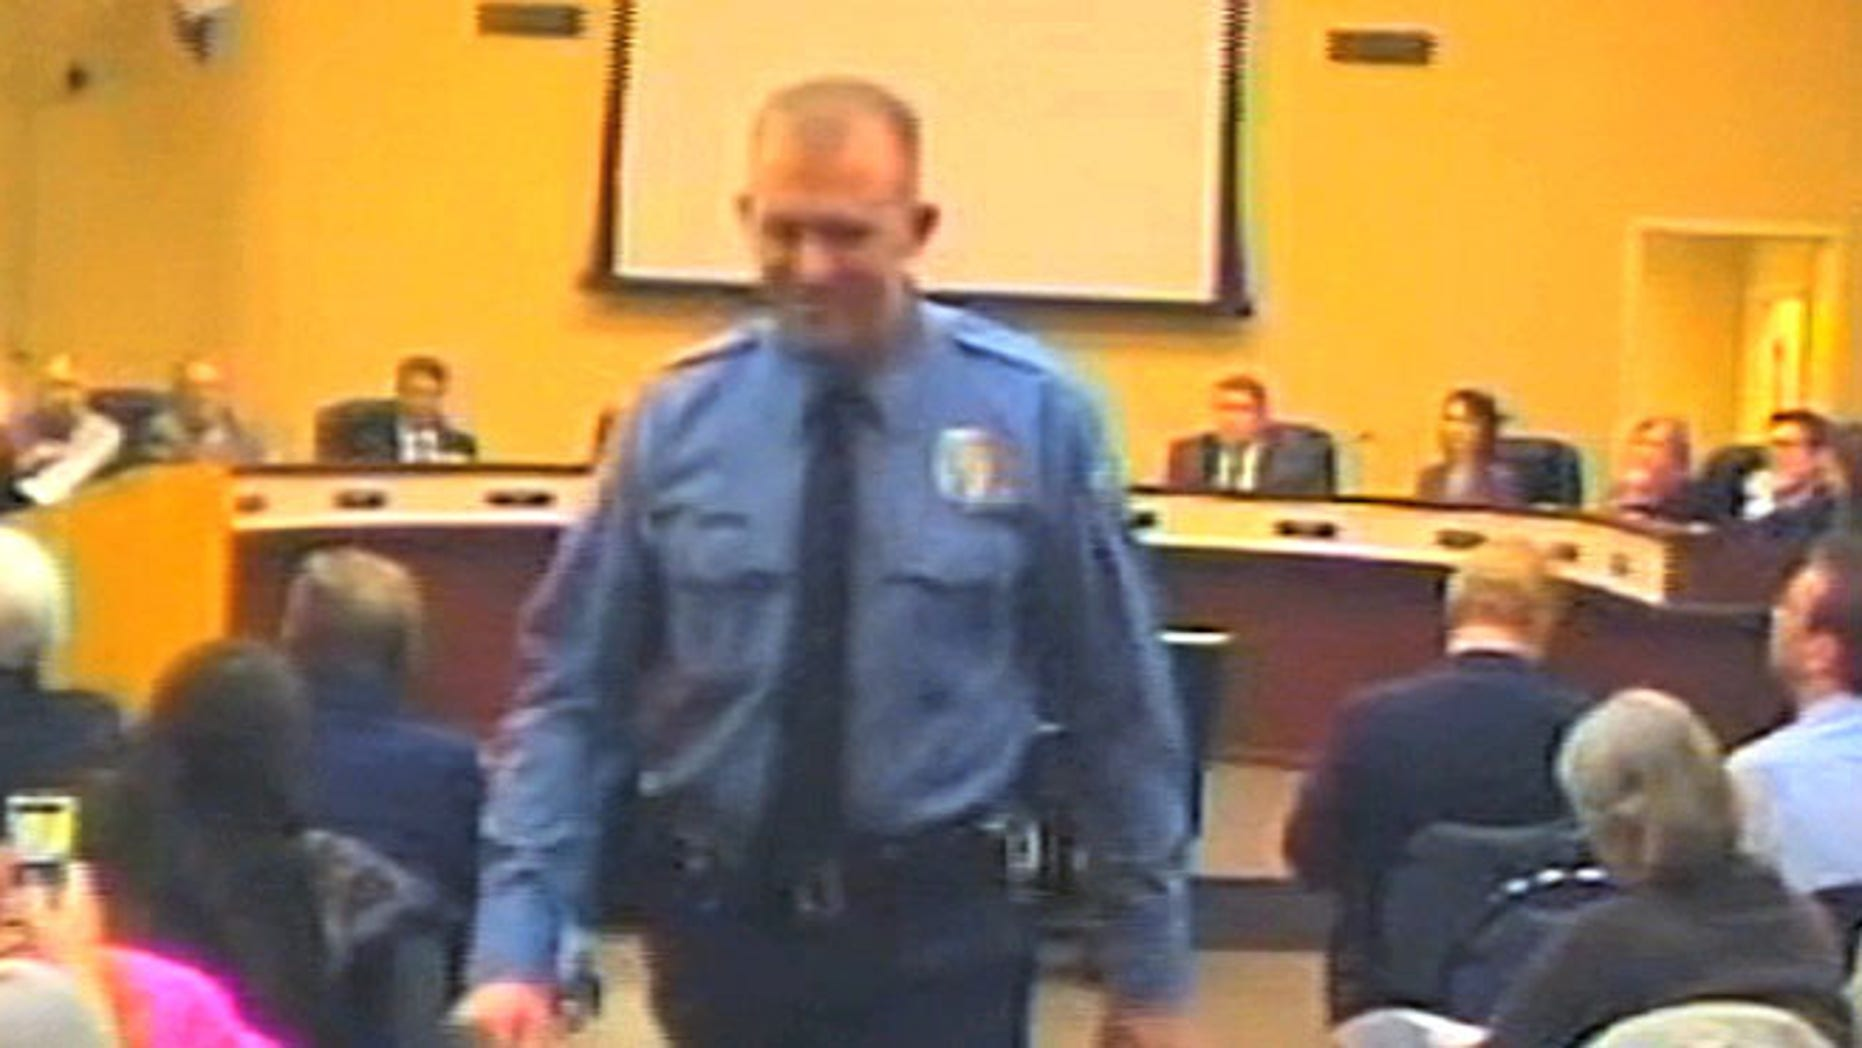 Feb. 11, 2014: Officer Darren Wilson attends a city council meeting in Ferguson